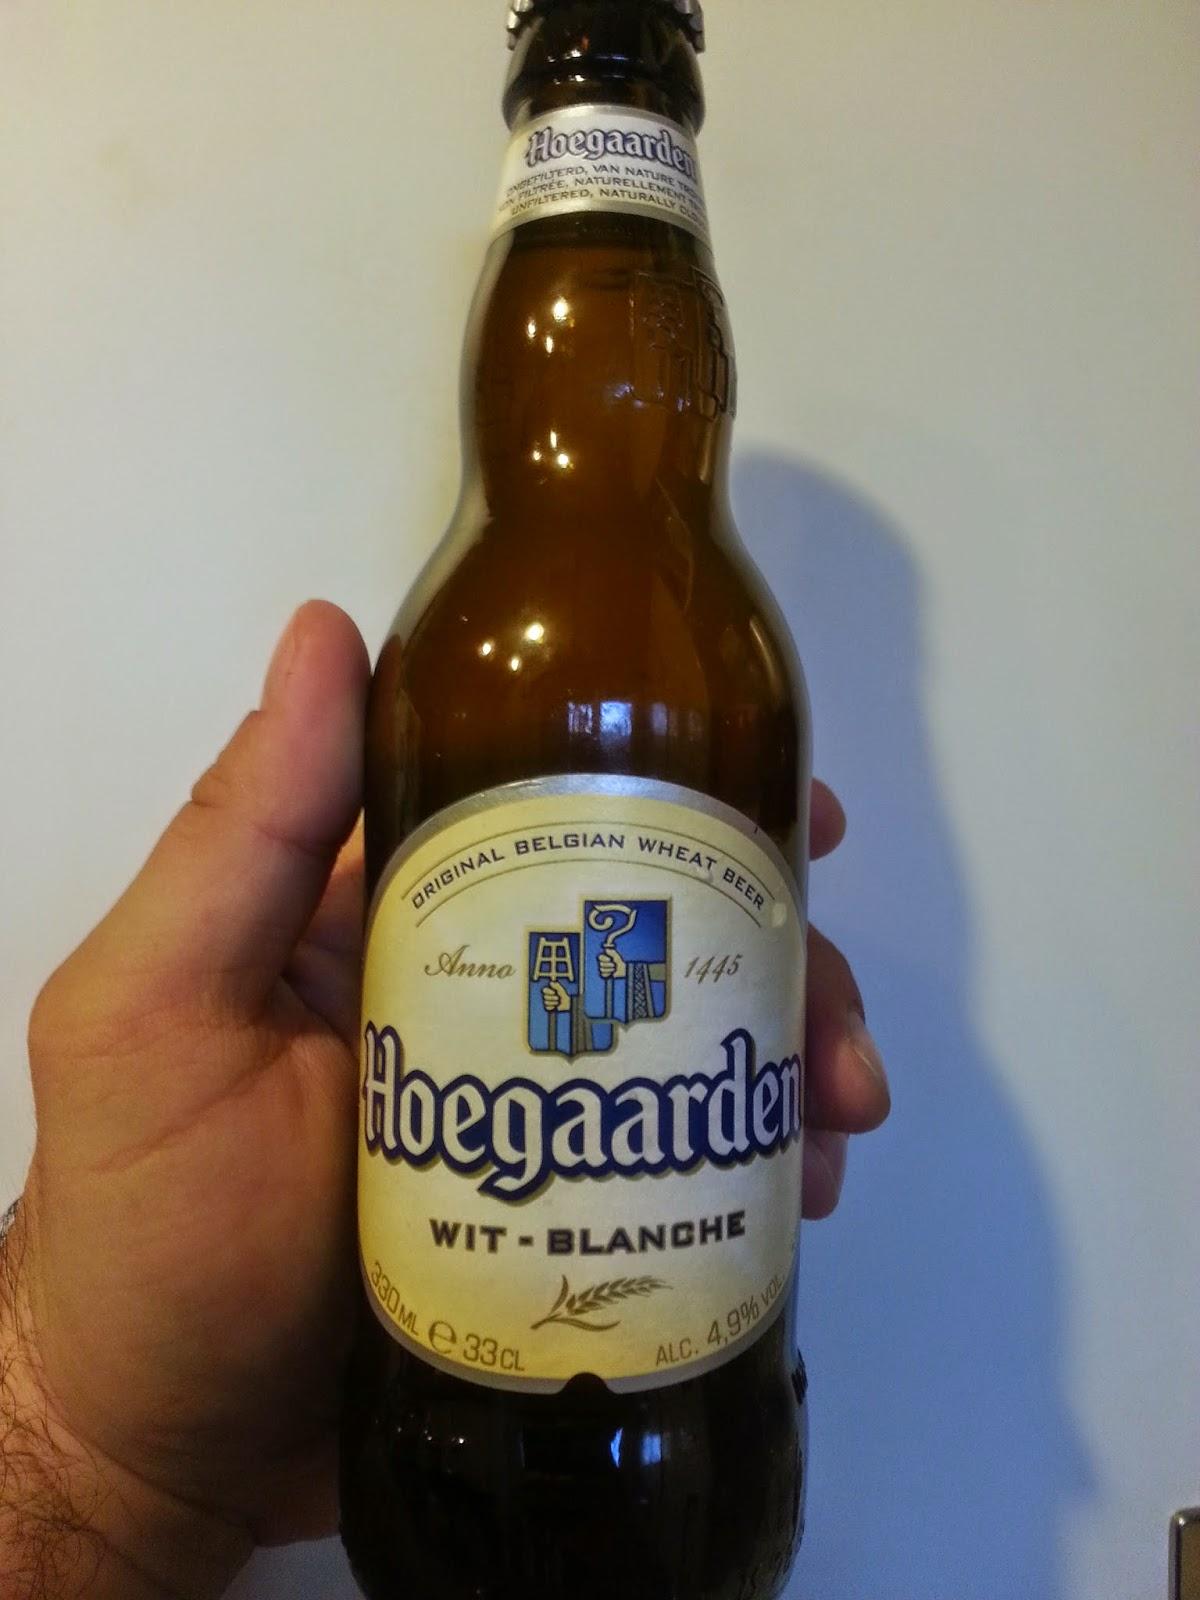 Зачем добавляют кориандр и пшеницу в пиво хугарден